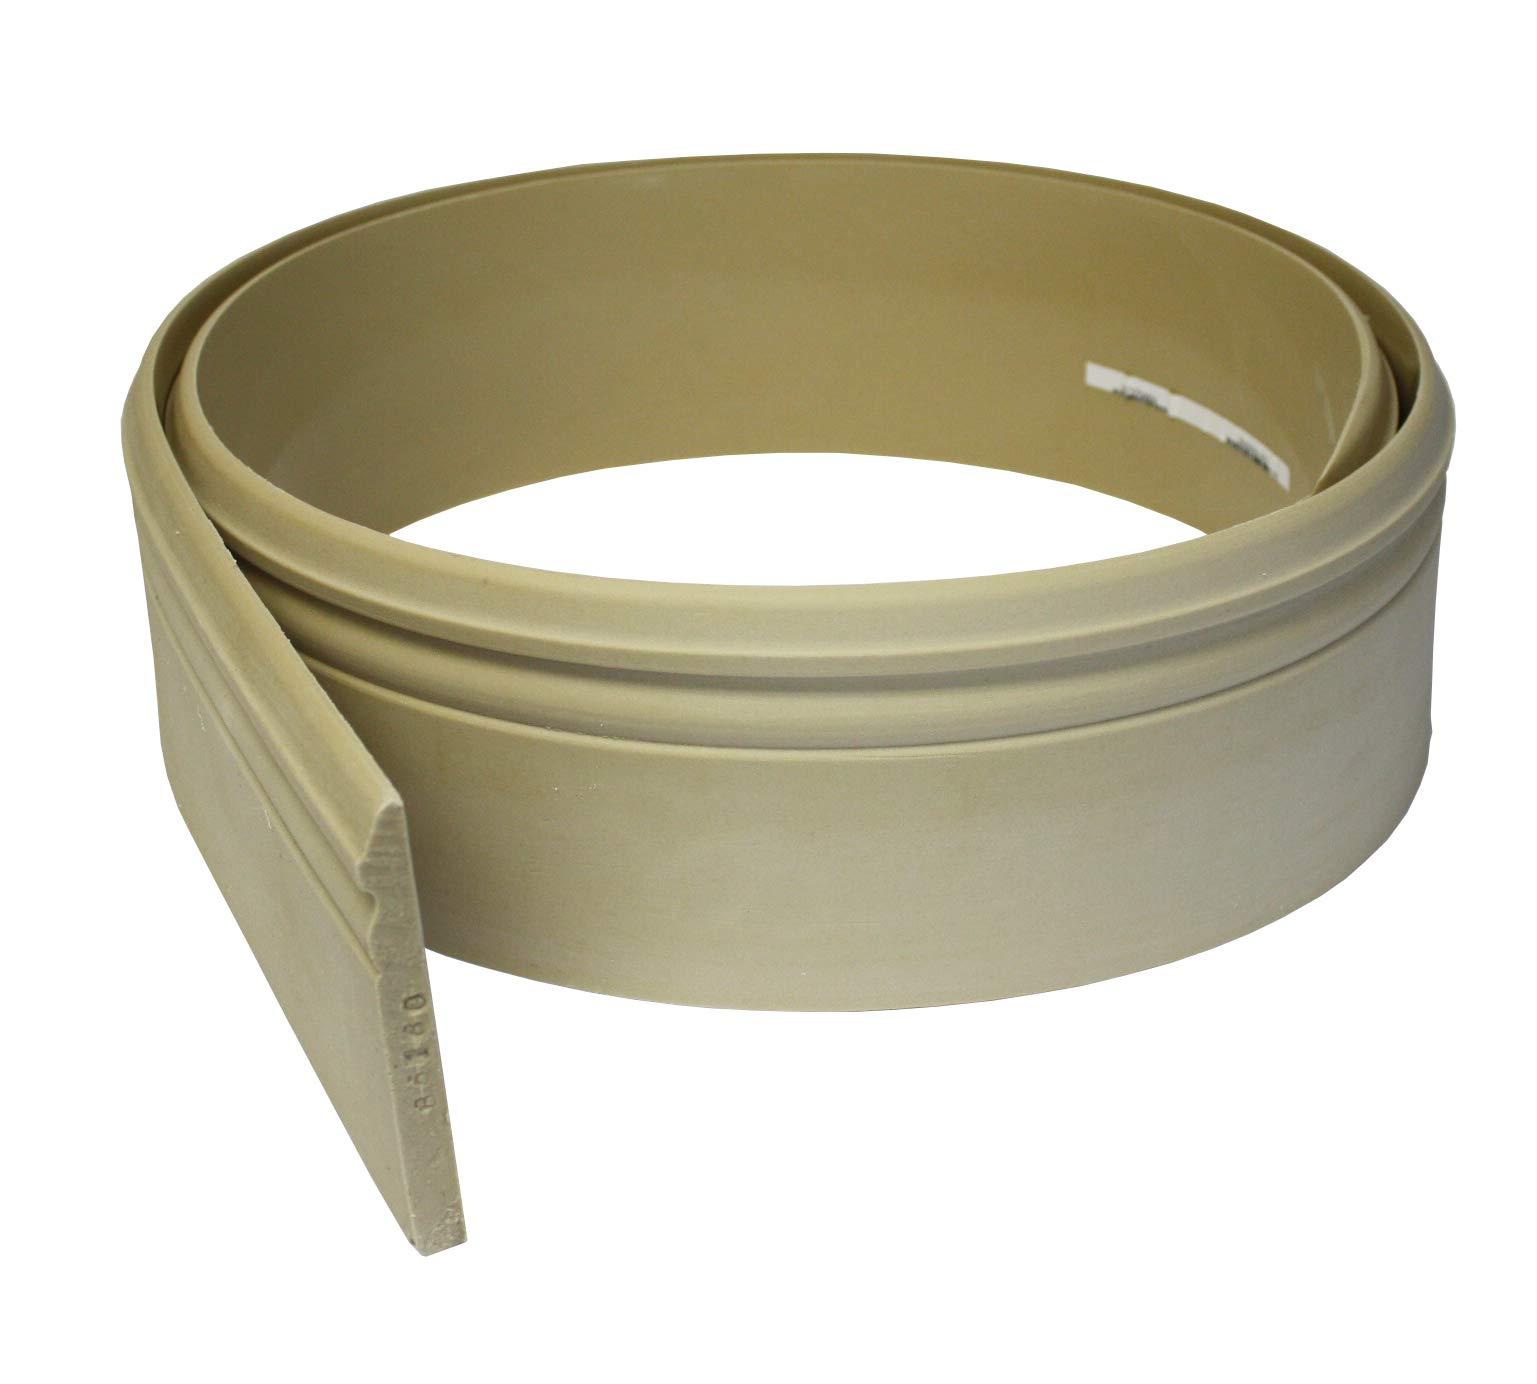 Flexible Moulding - Flexible Base Moulding - B5180-1/2'' X 5-1/4'' - 8' Length - Flexible Trim by Duraflex by Resinart